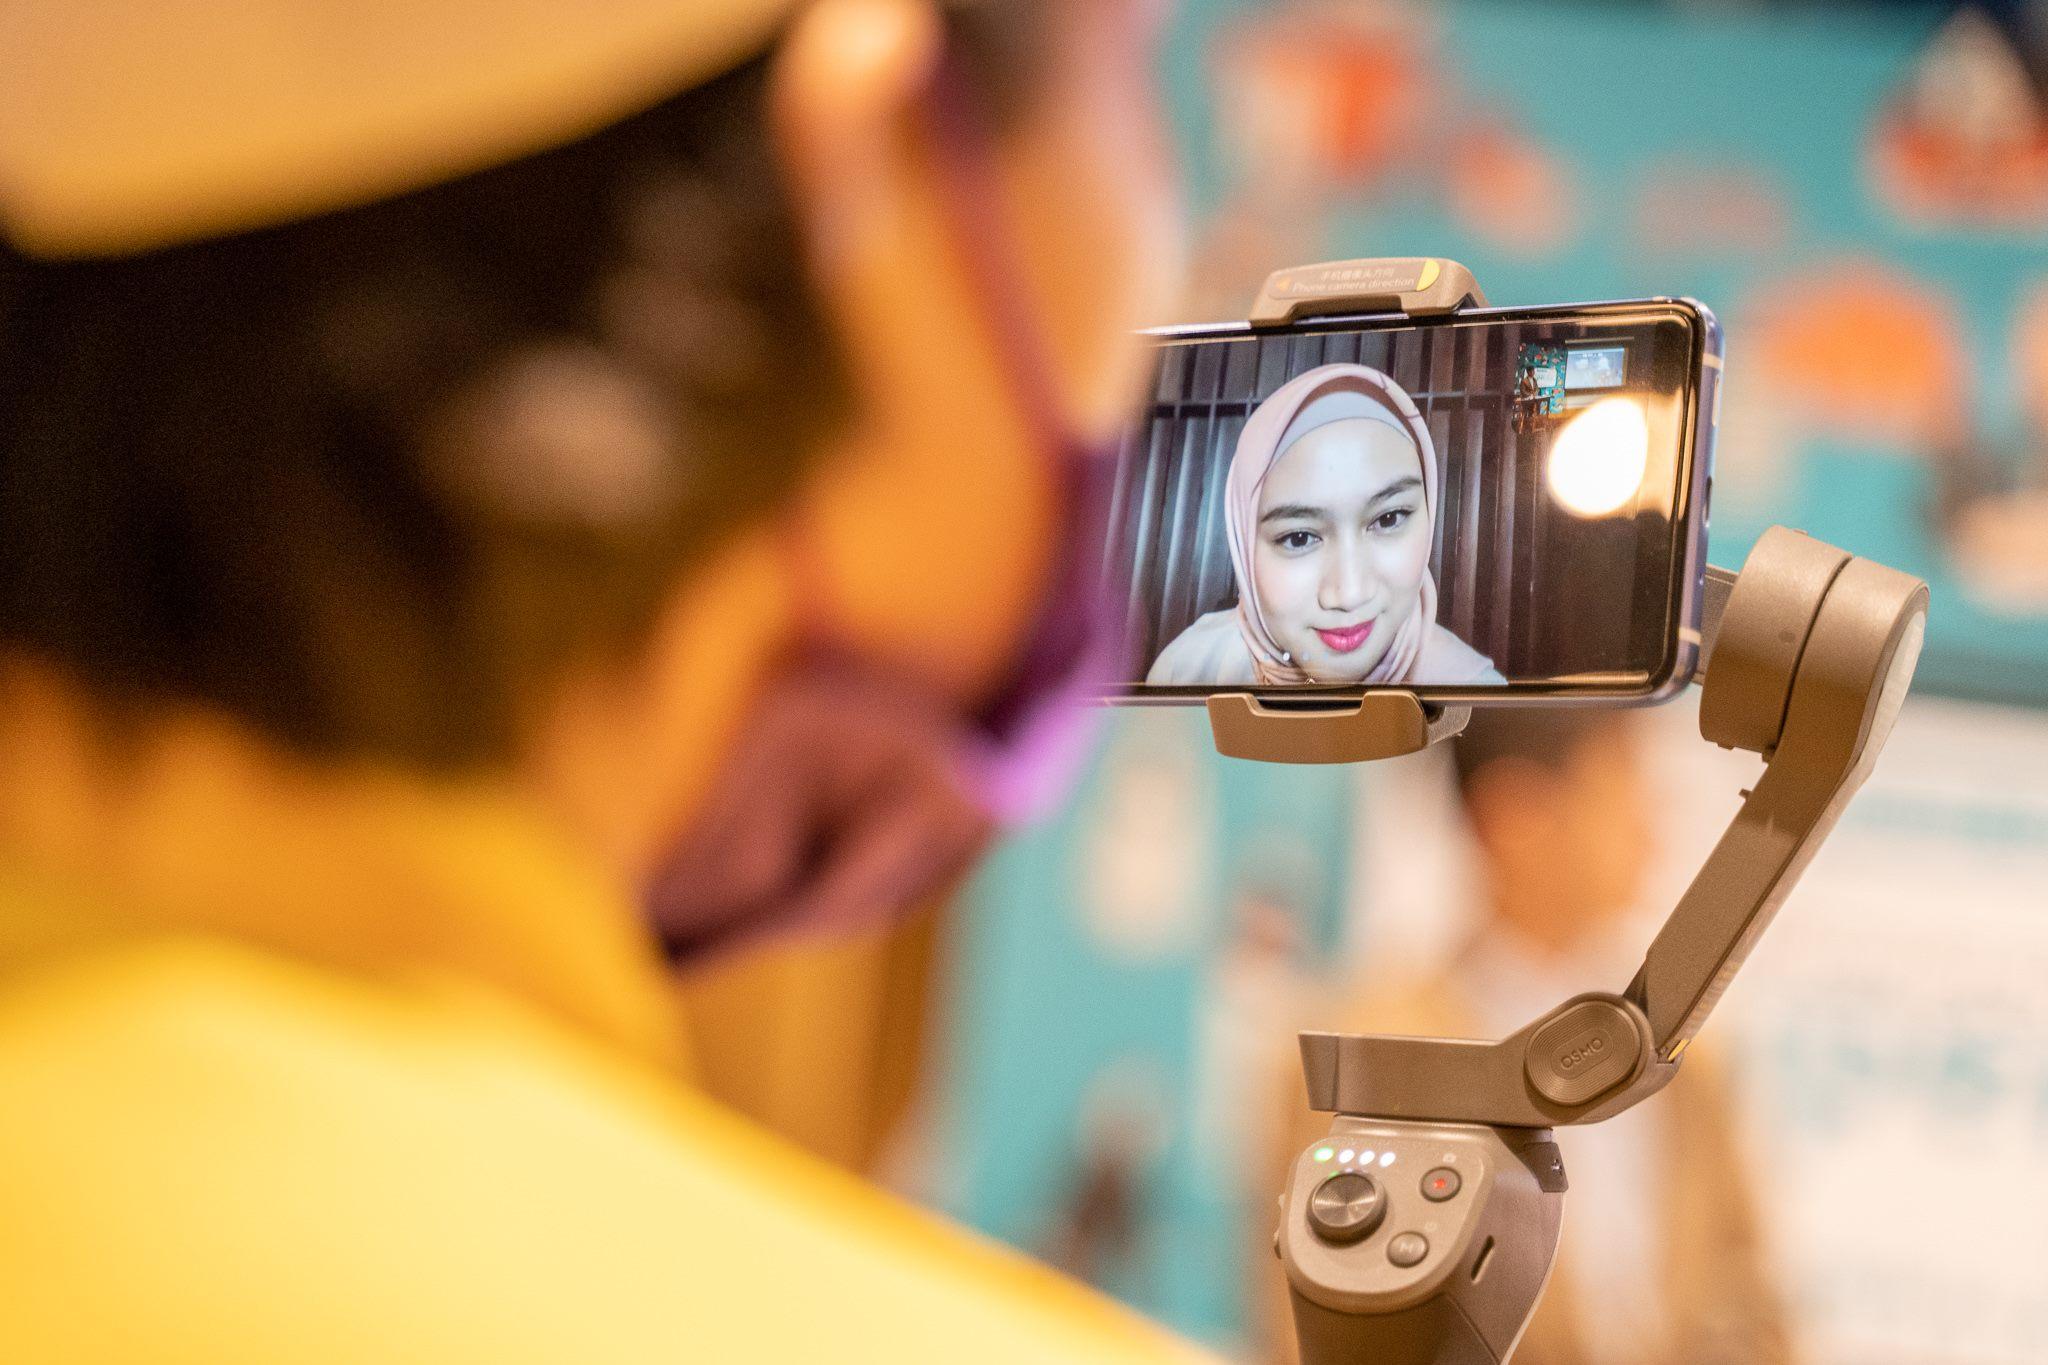 邀請印尼知名藝人Melody Nurramdhani Laksani擔任本次國際宣傳大使,共同線上參與遊程